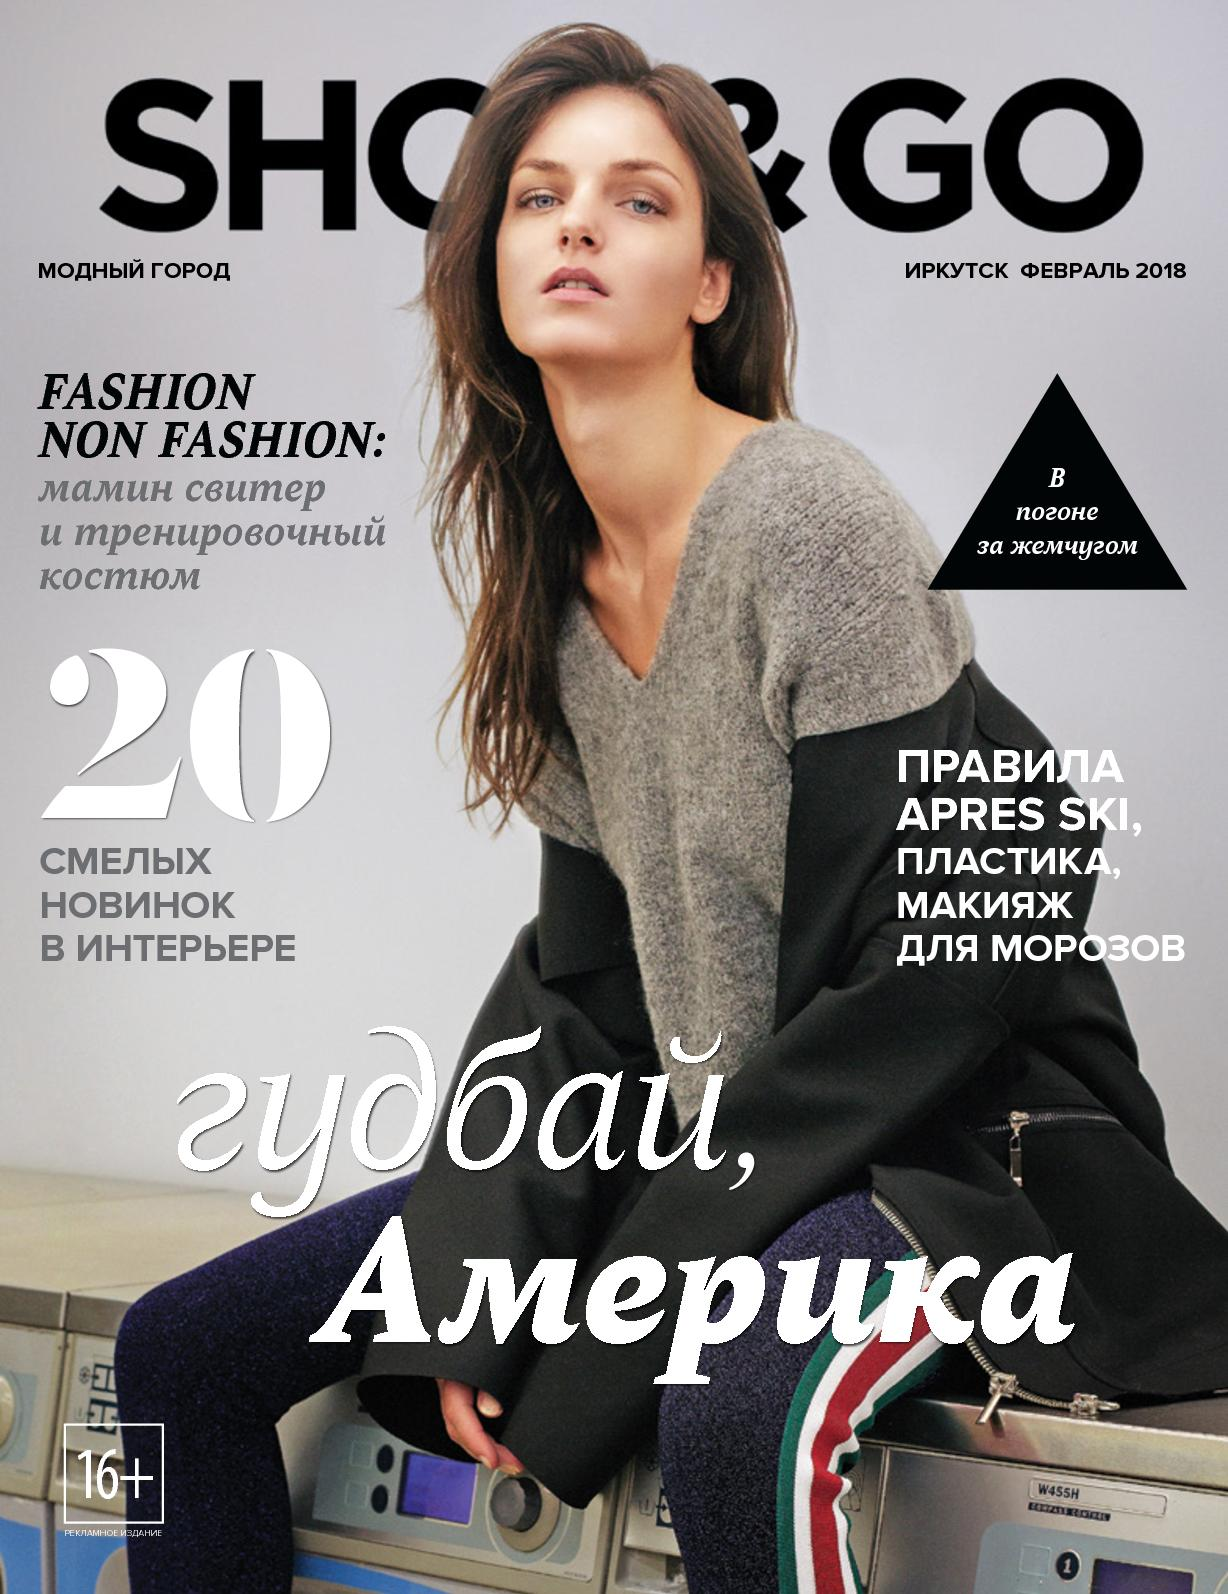 SHOP&GO Иркутск Февраль 2018